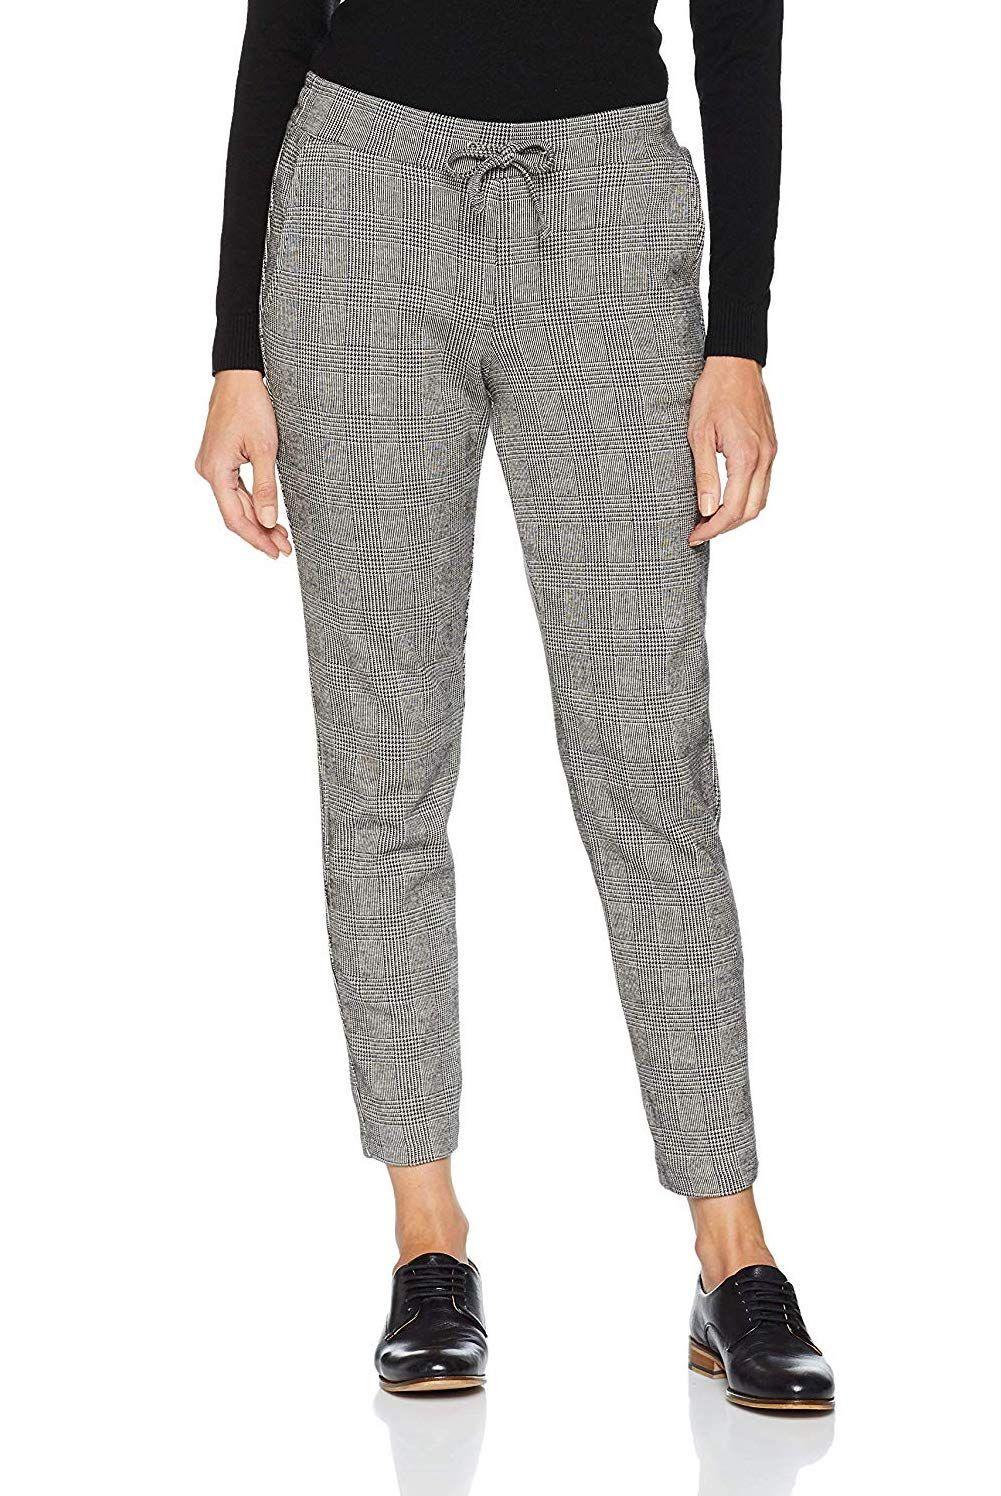 Tom Tailor Damen Hose Glencheck Loose Fit Jeans Mit Lochern Modetrend Hosen